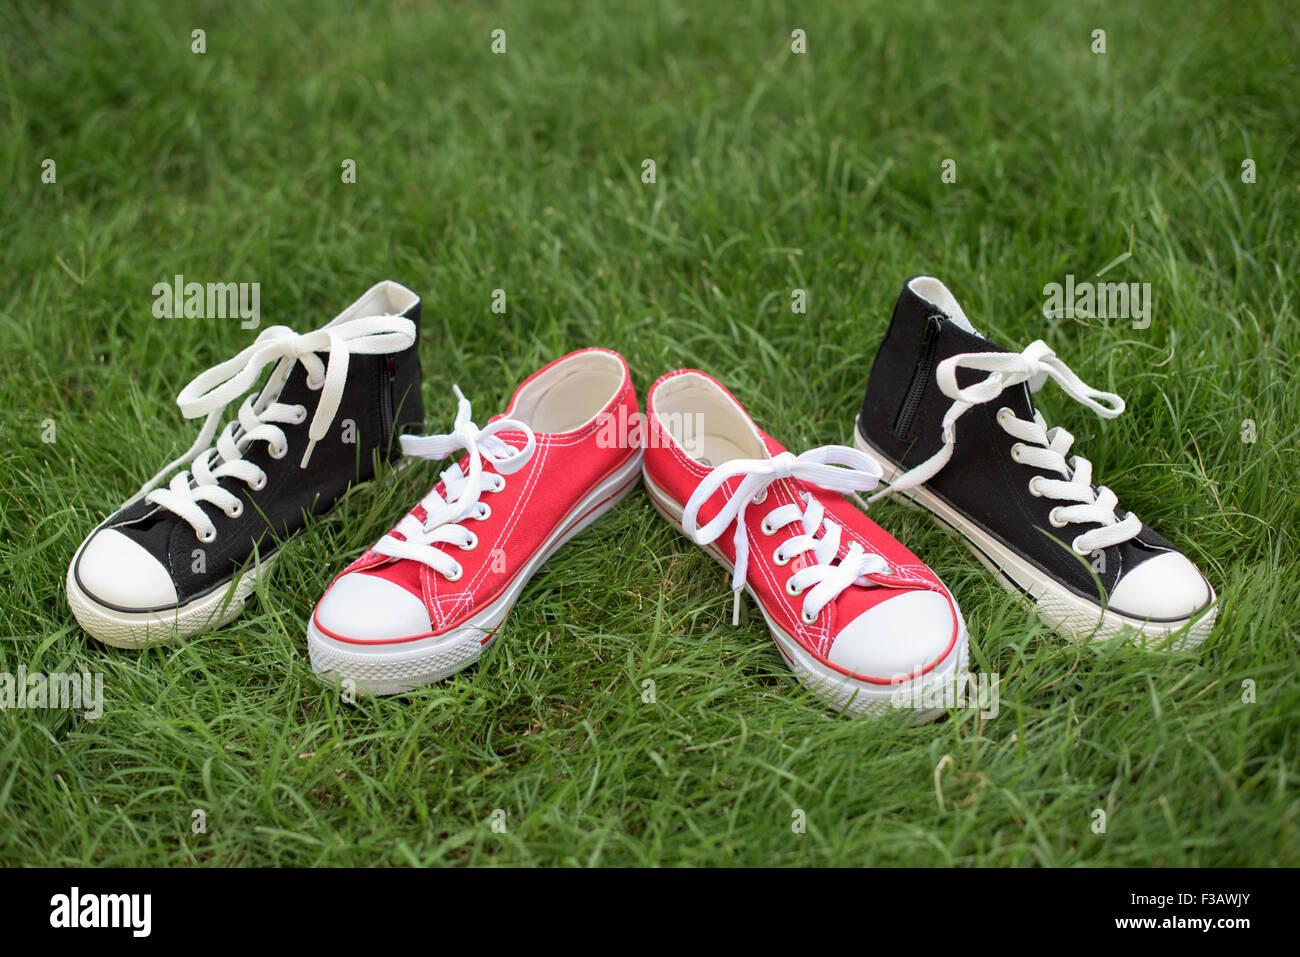 meet 712d5 8b51e Rosso e nero scarpe sportive su un'erba- sneakers Foto ...